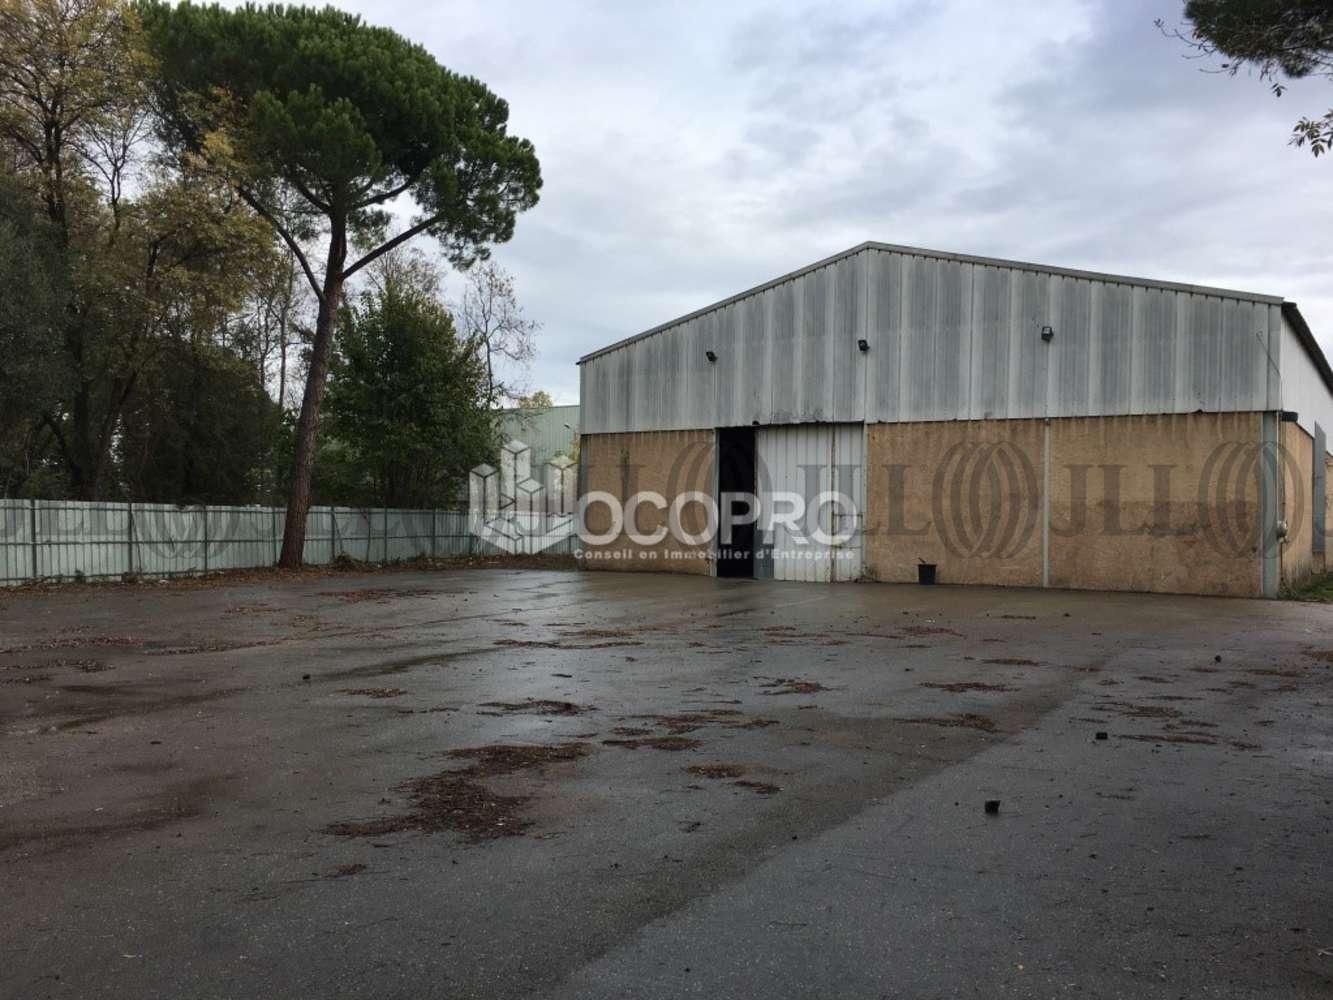 Activités/entrepôt Mandelieu la napoule, 06210 - MANDELIEU-LA-NAPOULE